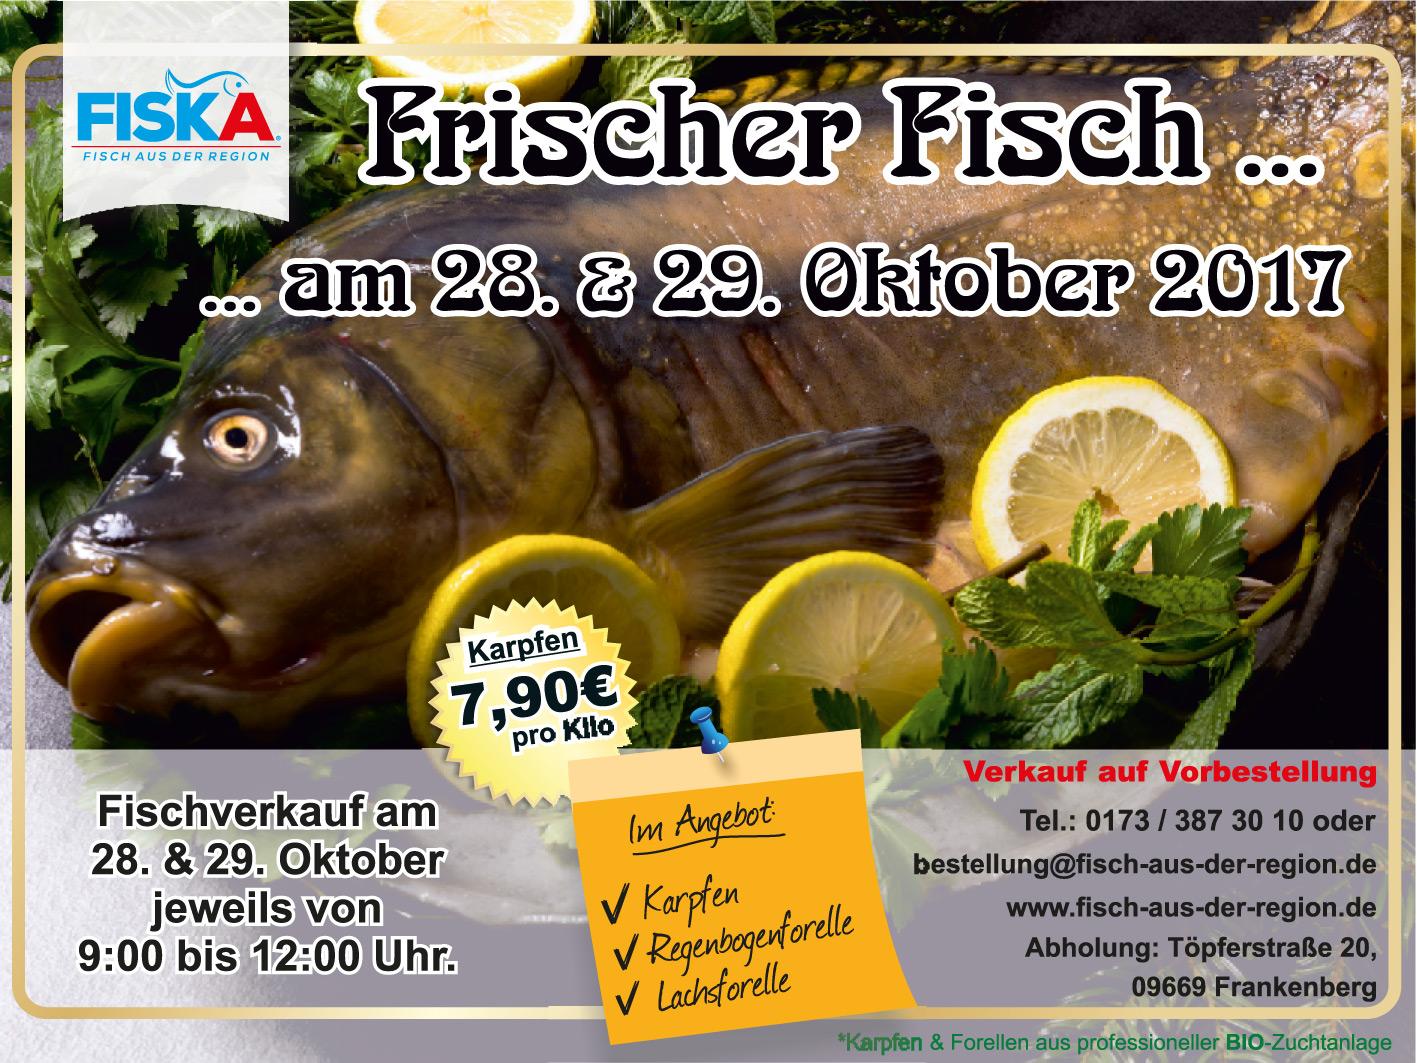 fiska fischverkauf f r chemnitz und umgebung frischer fisch aus bioaufzucht. Black Bedroom Furniture Sets. Home Design Ideas